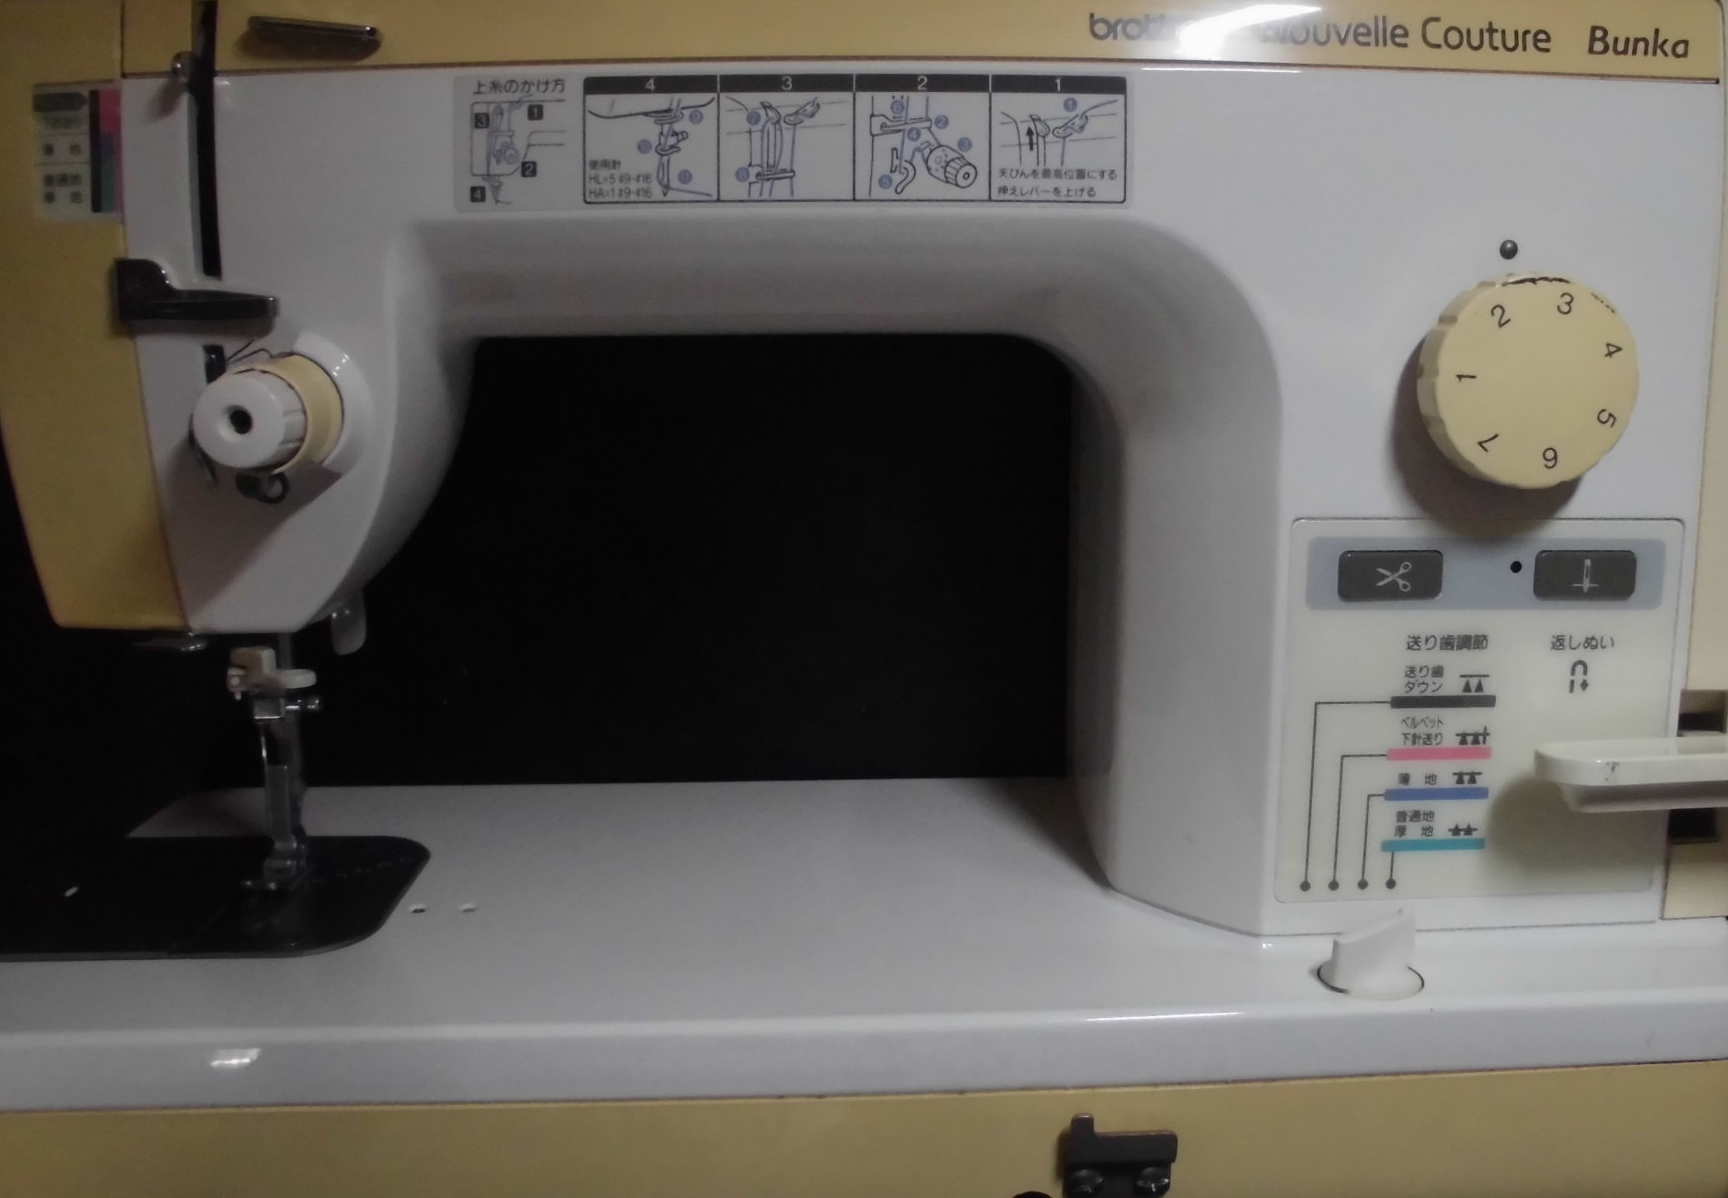 ブラザー職業用ミシン修理|ヌーベルクチュール文化TA637|動かない